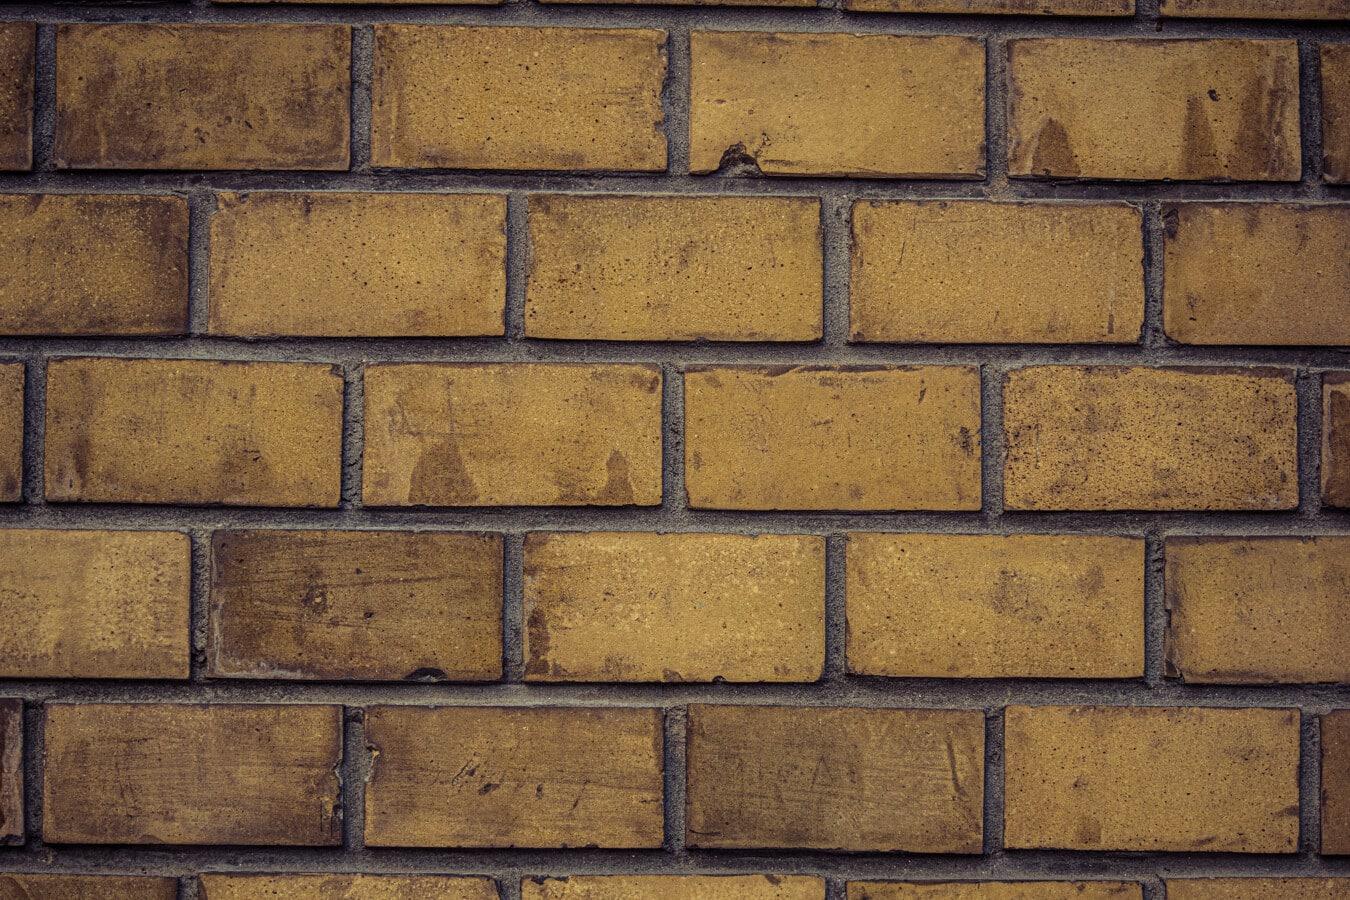 brun clair, fermer, texture, briques, maçonnerie, régulière, horizontal, mortier, cube, Rough